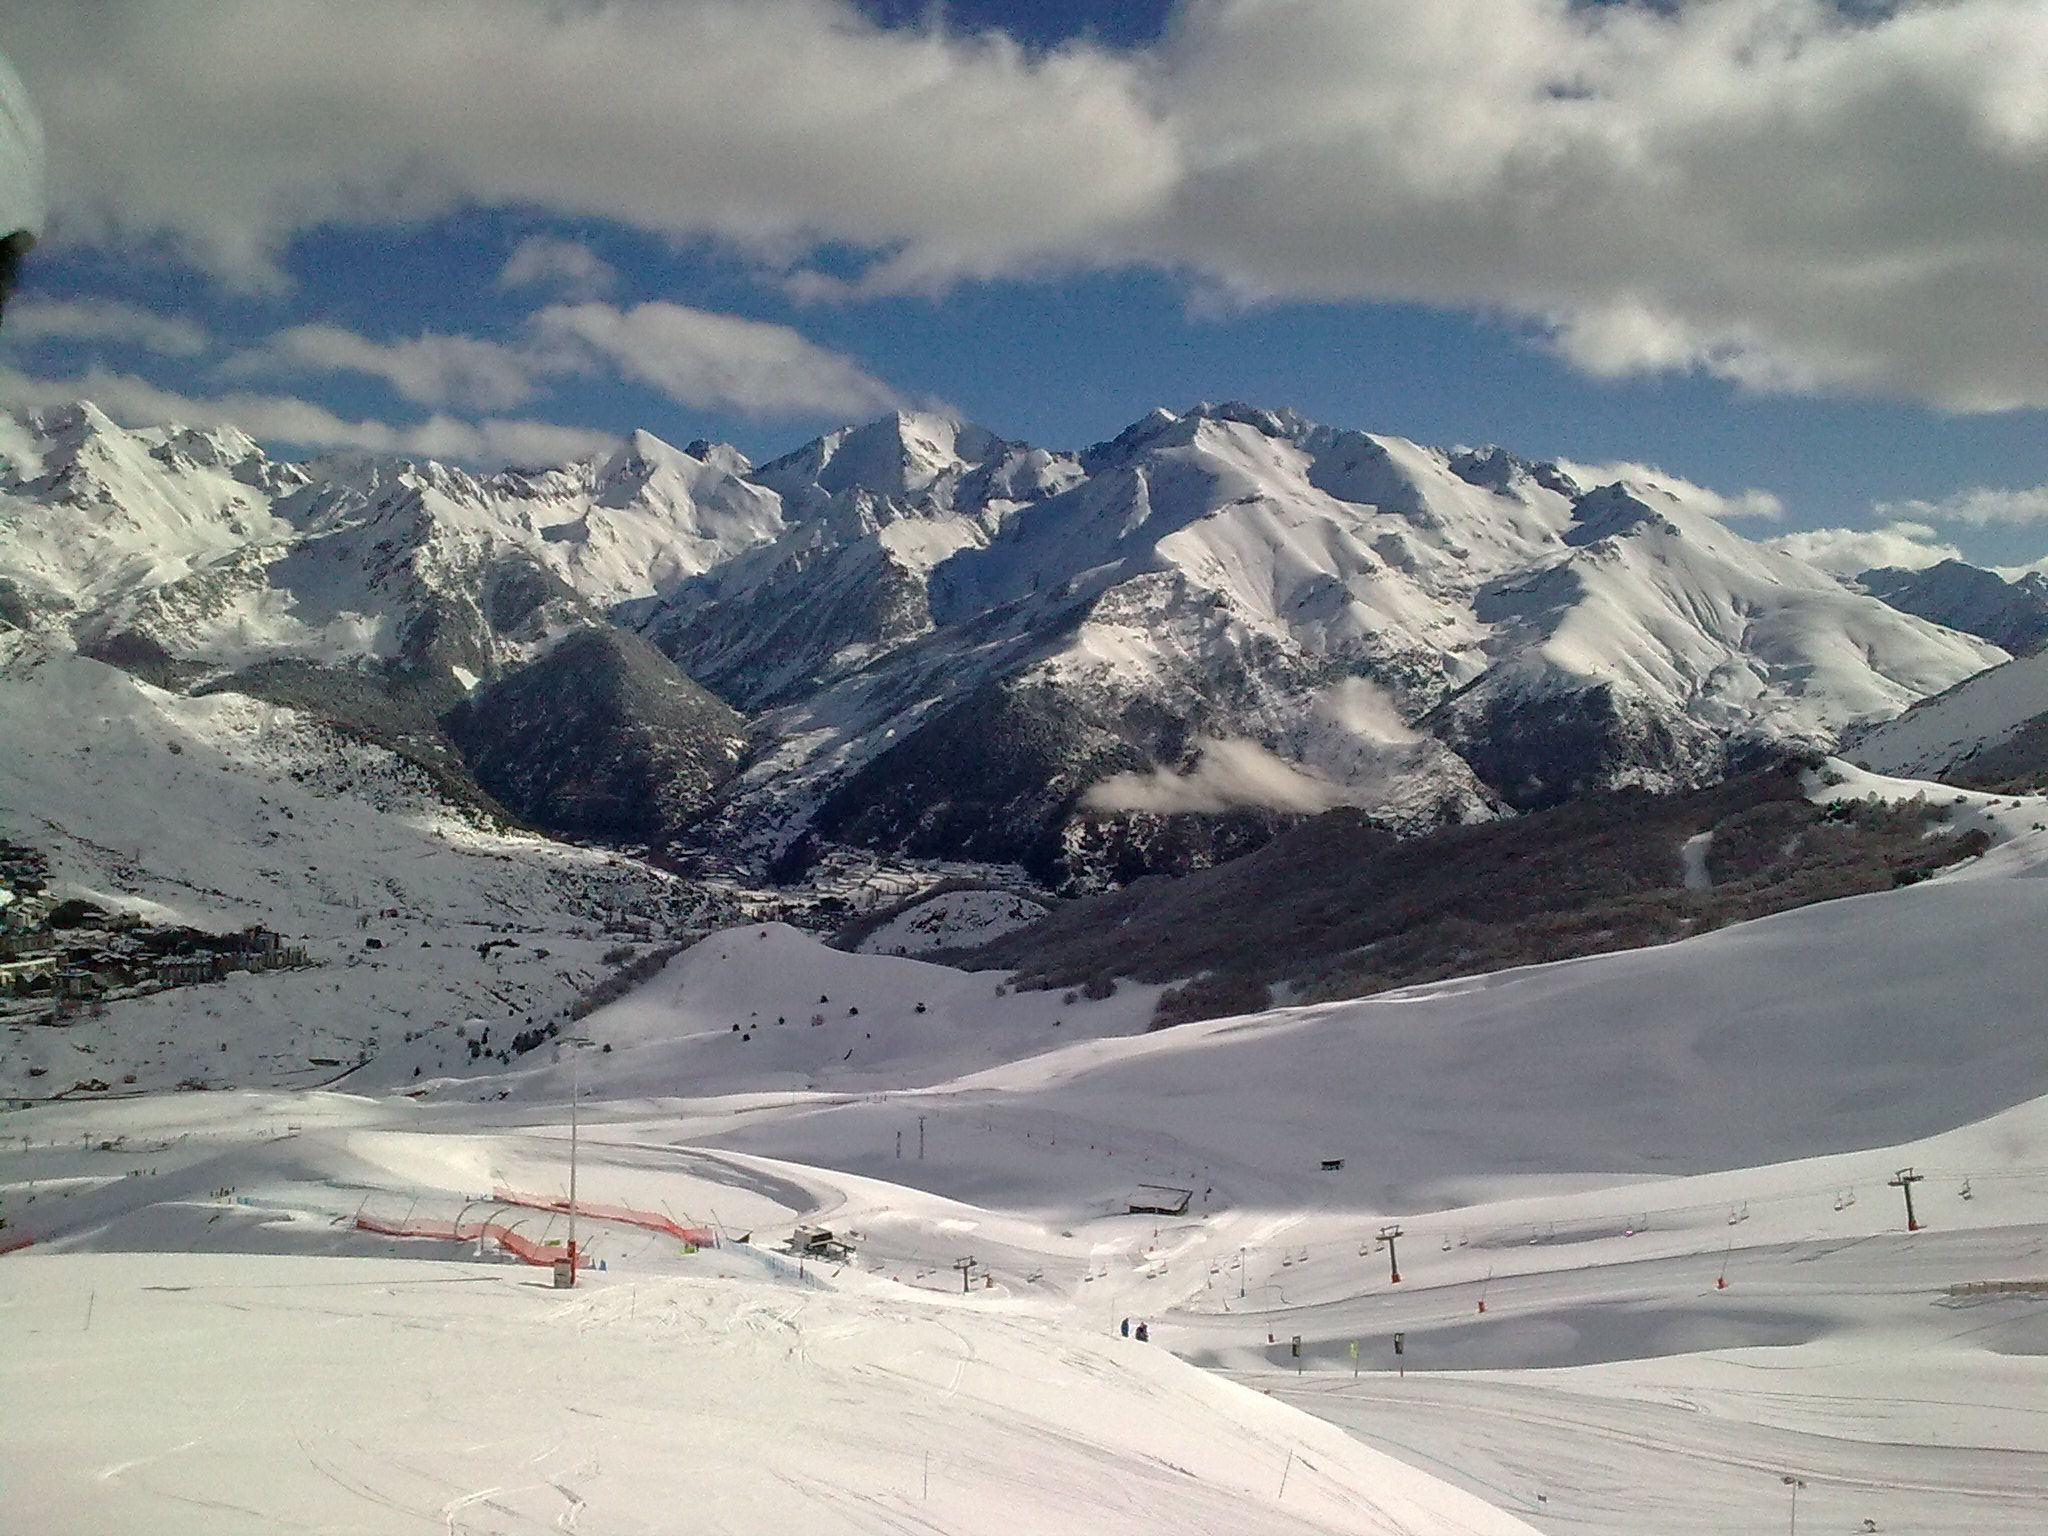 Esquí En Formigal Valle De Tena Pirineos Estaciones De Esqui Paisajes Viajes